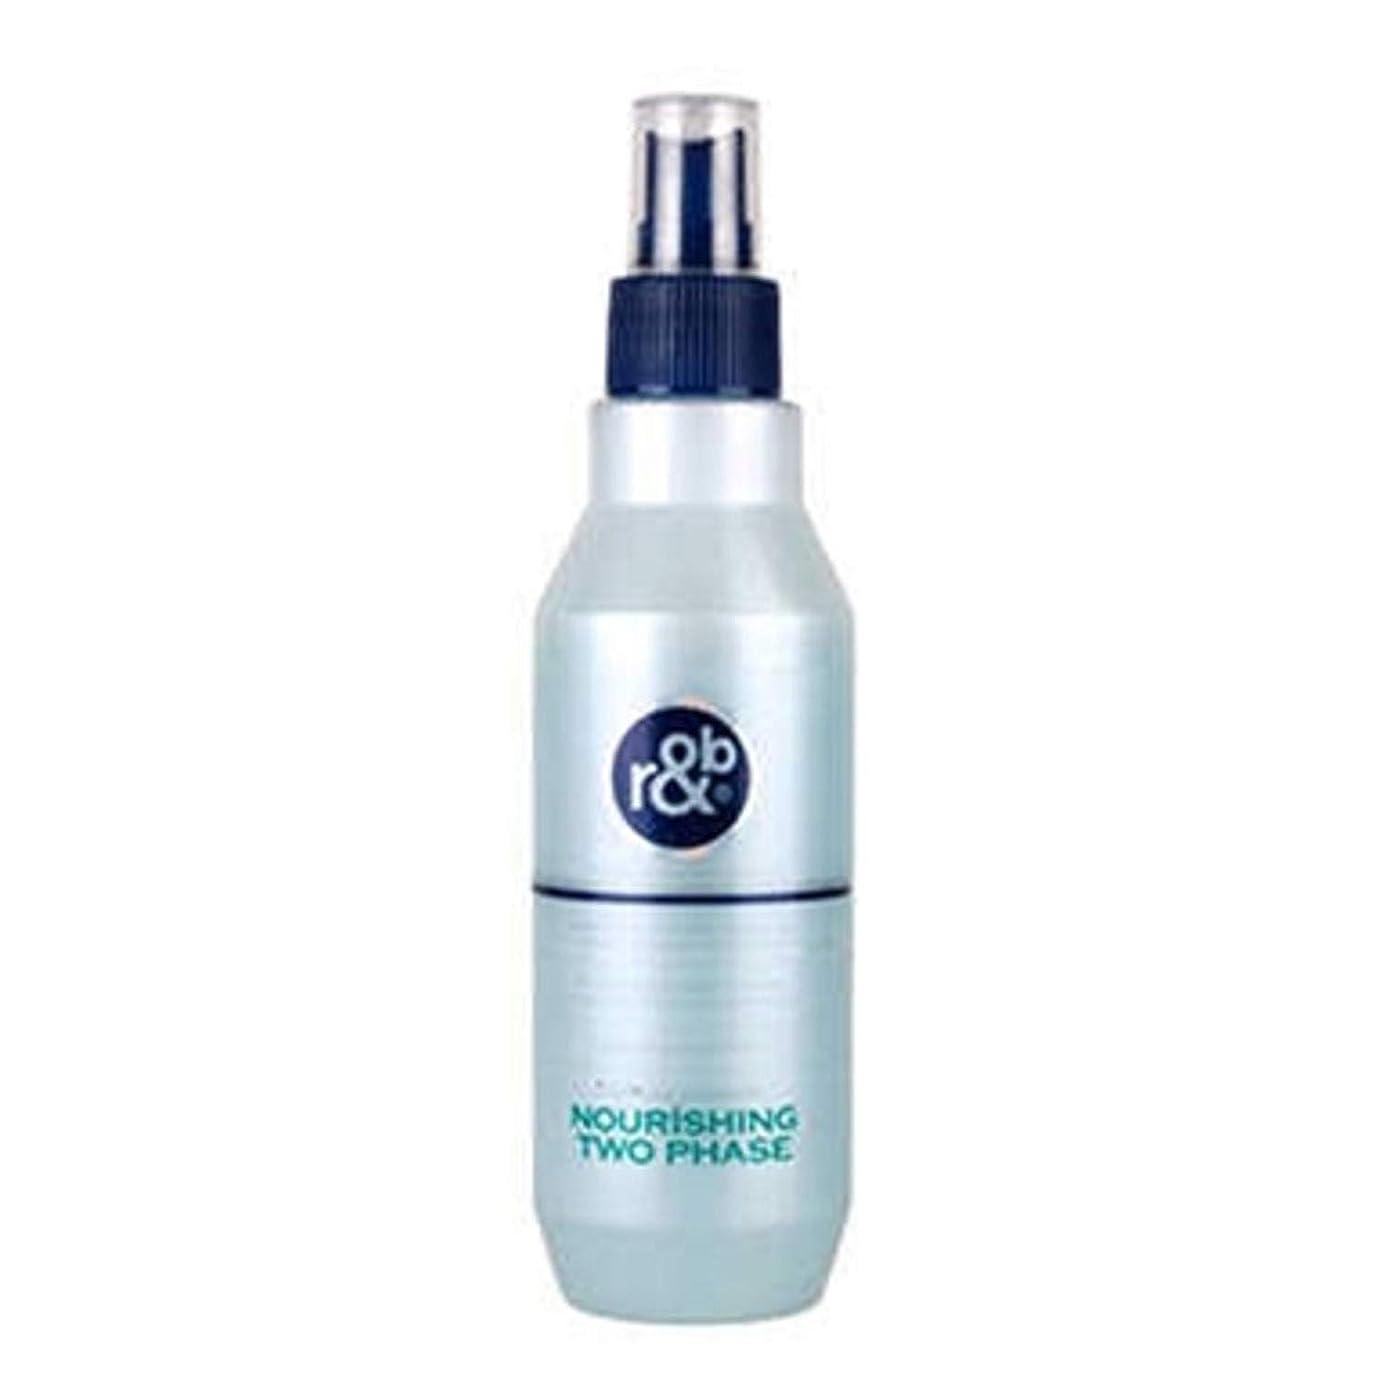 ピジン道を作る日記フィトン セラピー ナリッシング 2 段階 250ml - アウトバス ヘア コンディショナー ( Phyton Therapy Nourishing Two Phase 250ml - leave in Hair Conditioner ) [並行輸入品]